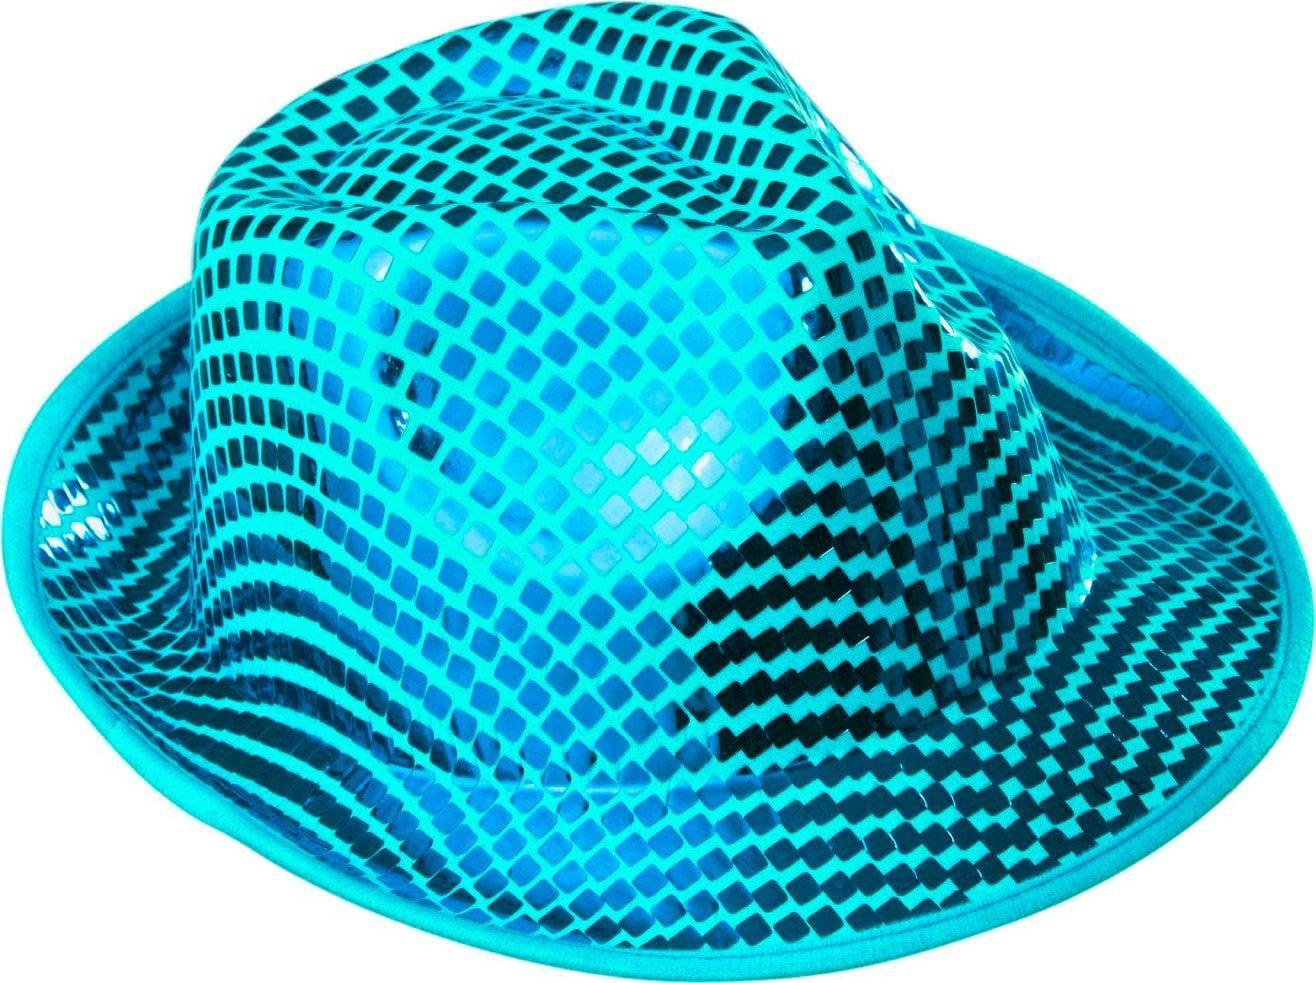 Blauwe vierkante pailletten fedora